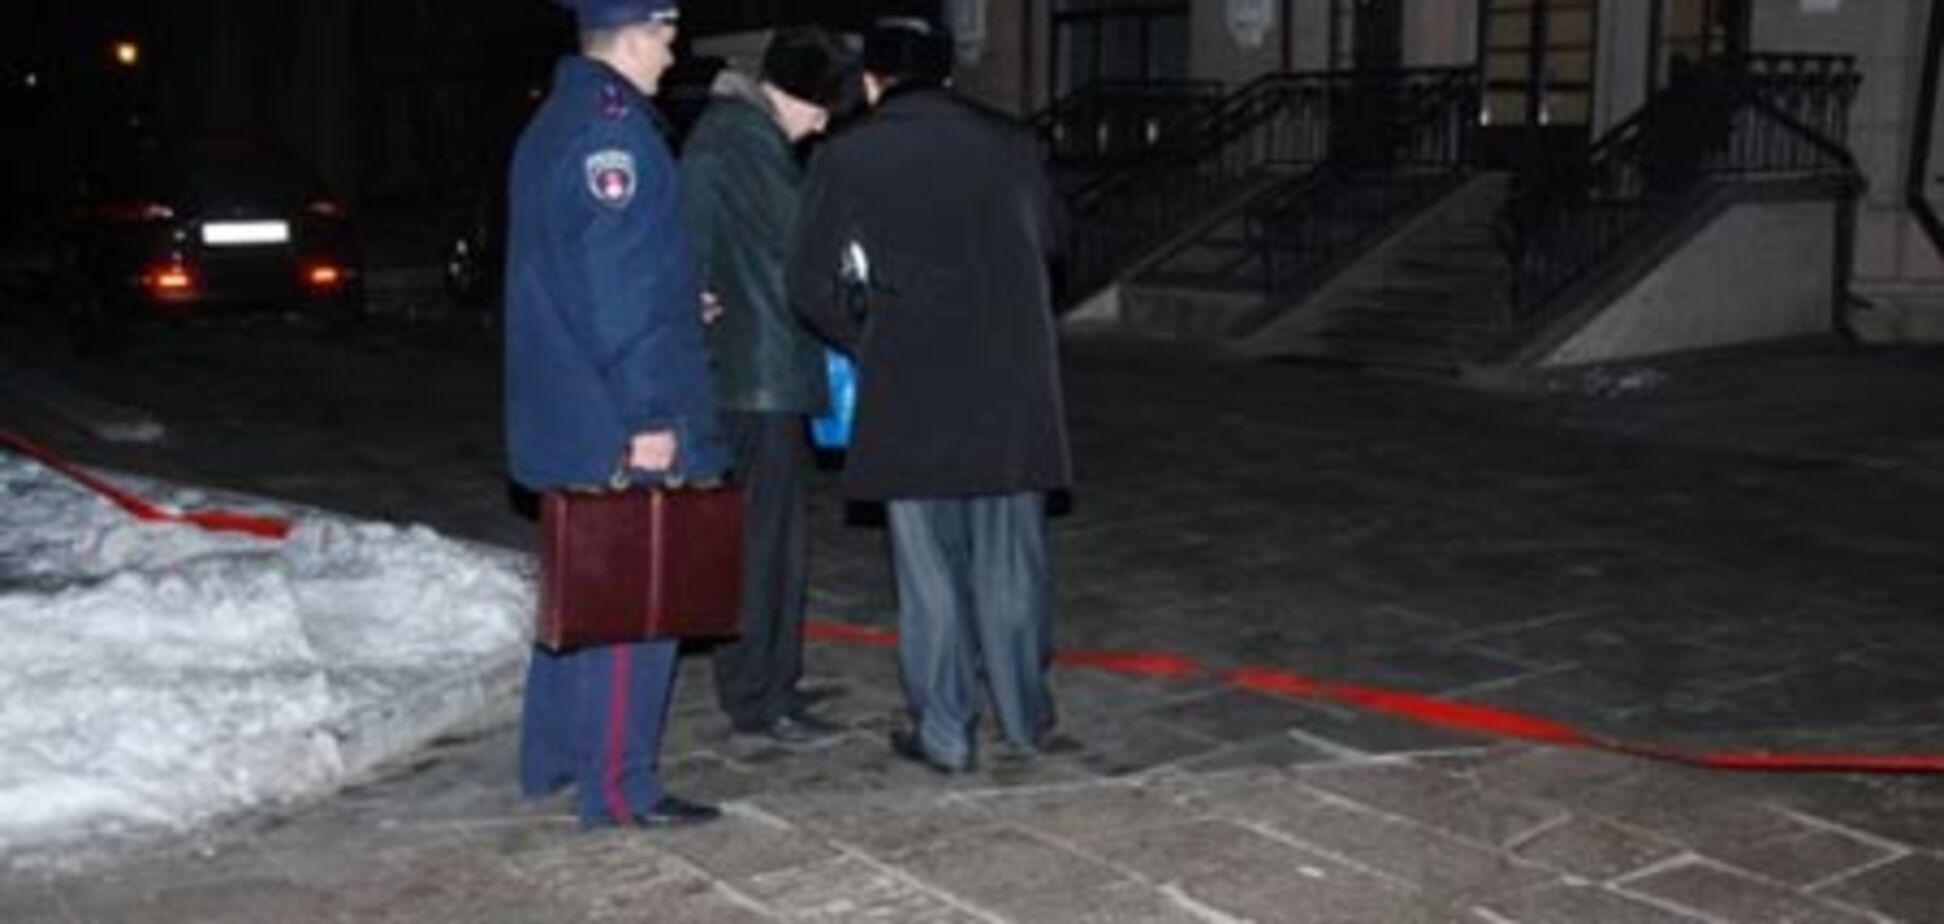 МВД: Основная версия убийства Коробчинского - бизнес